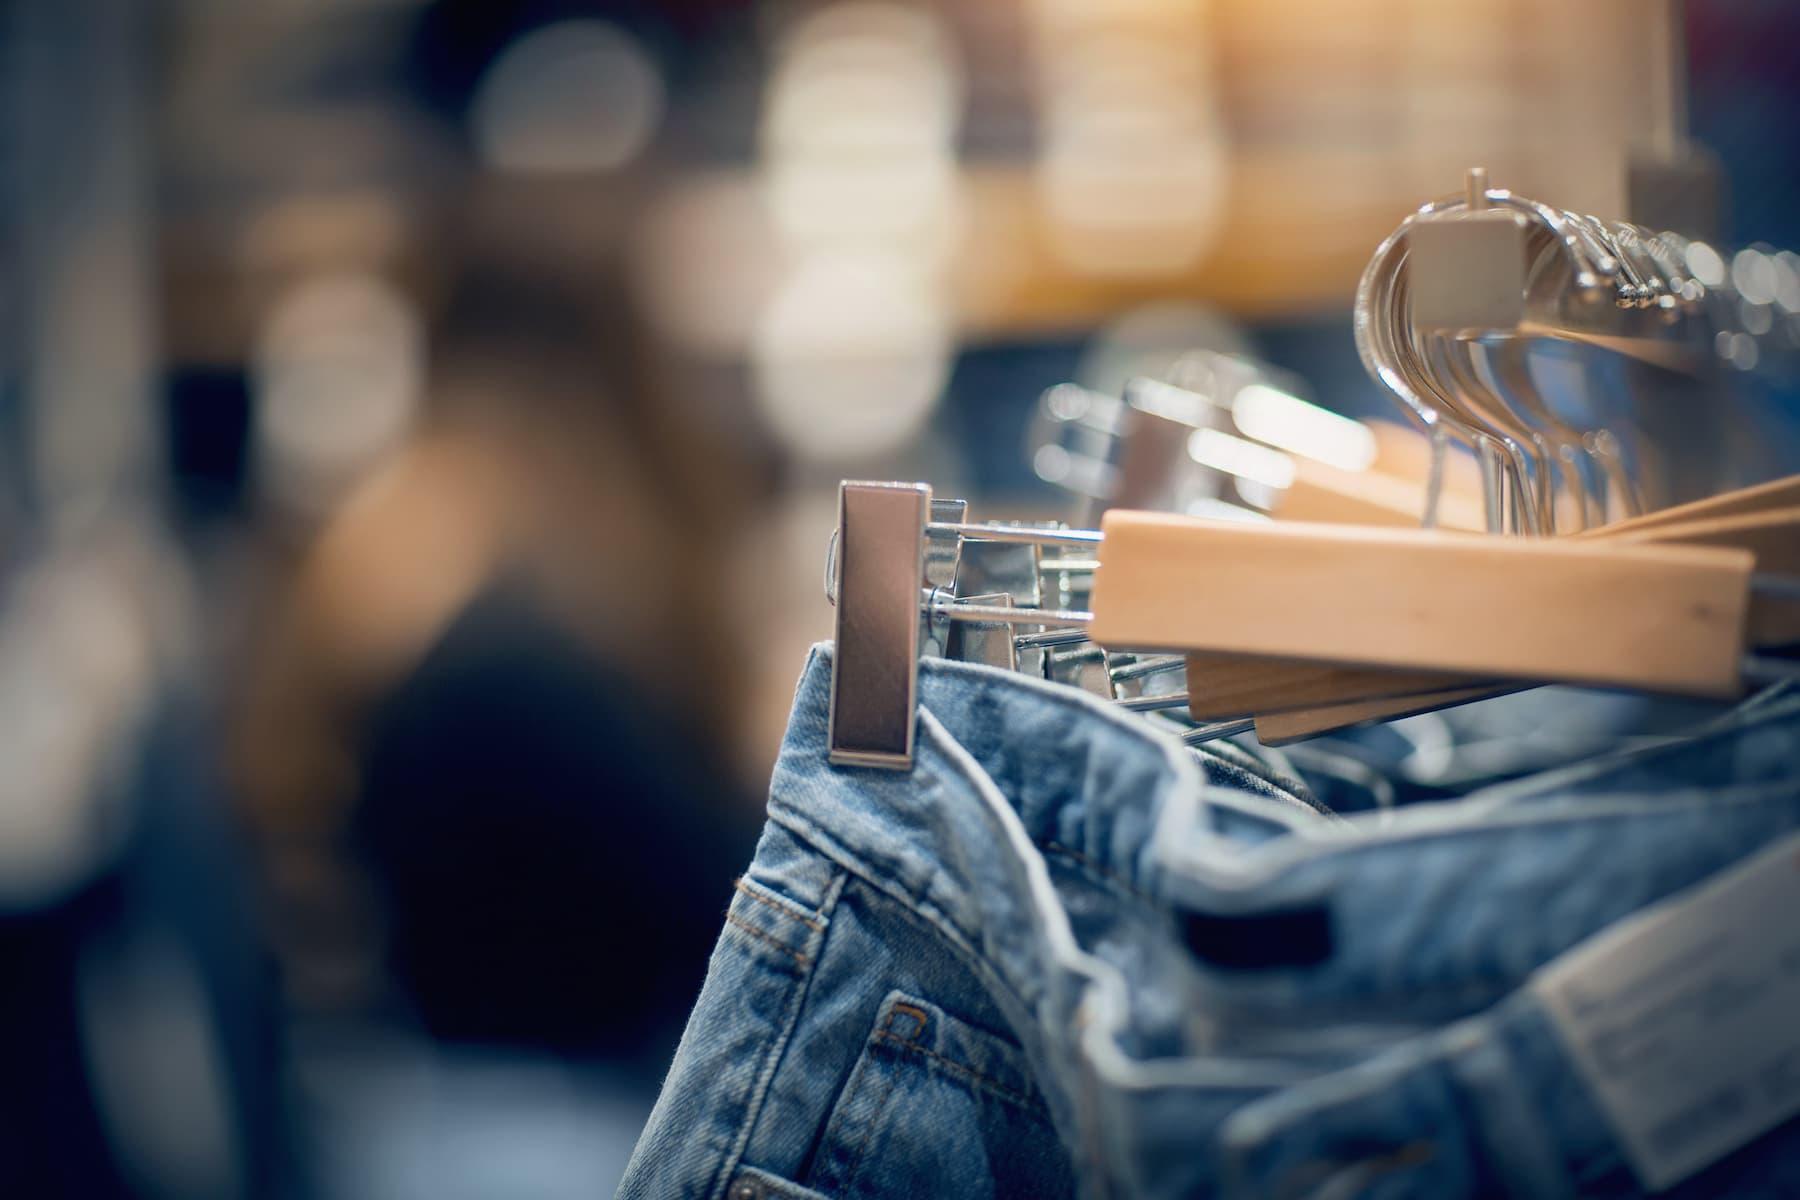 jeansy na wieszaku